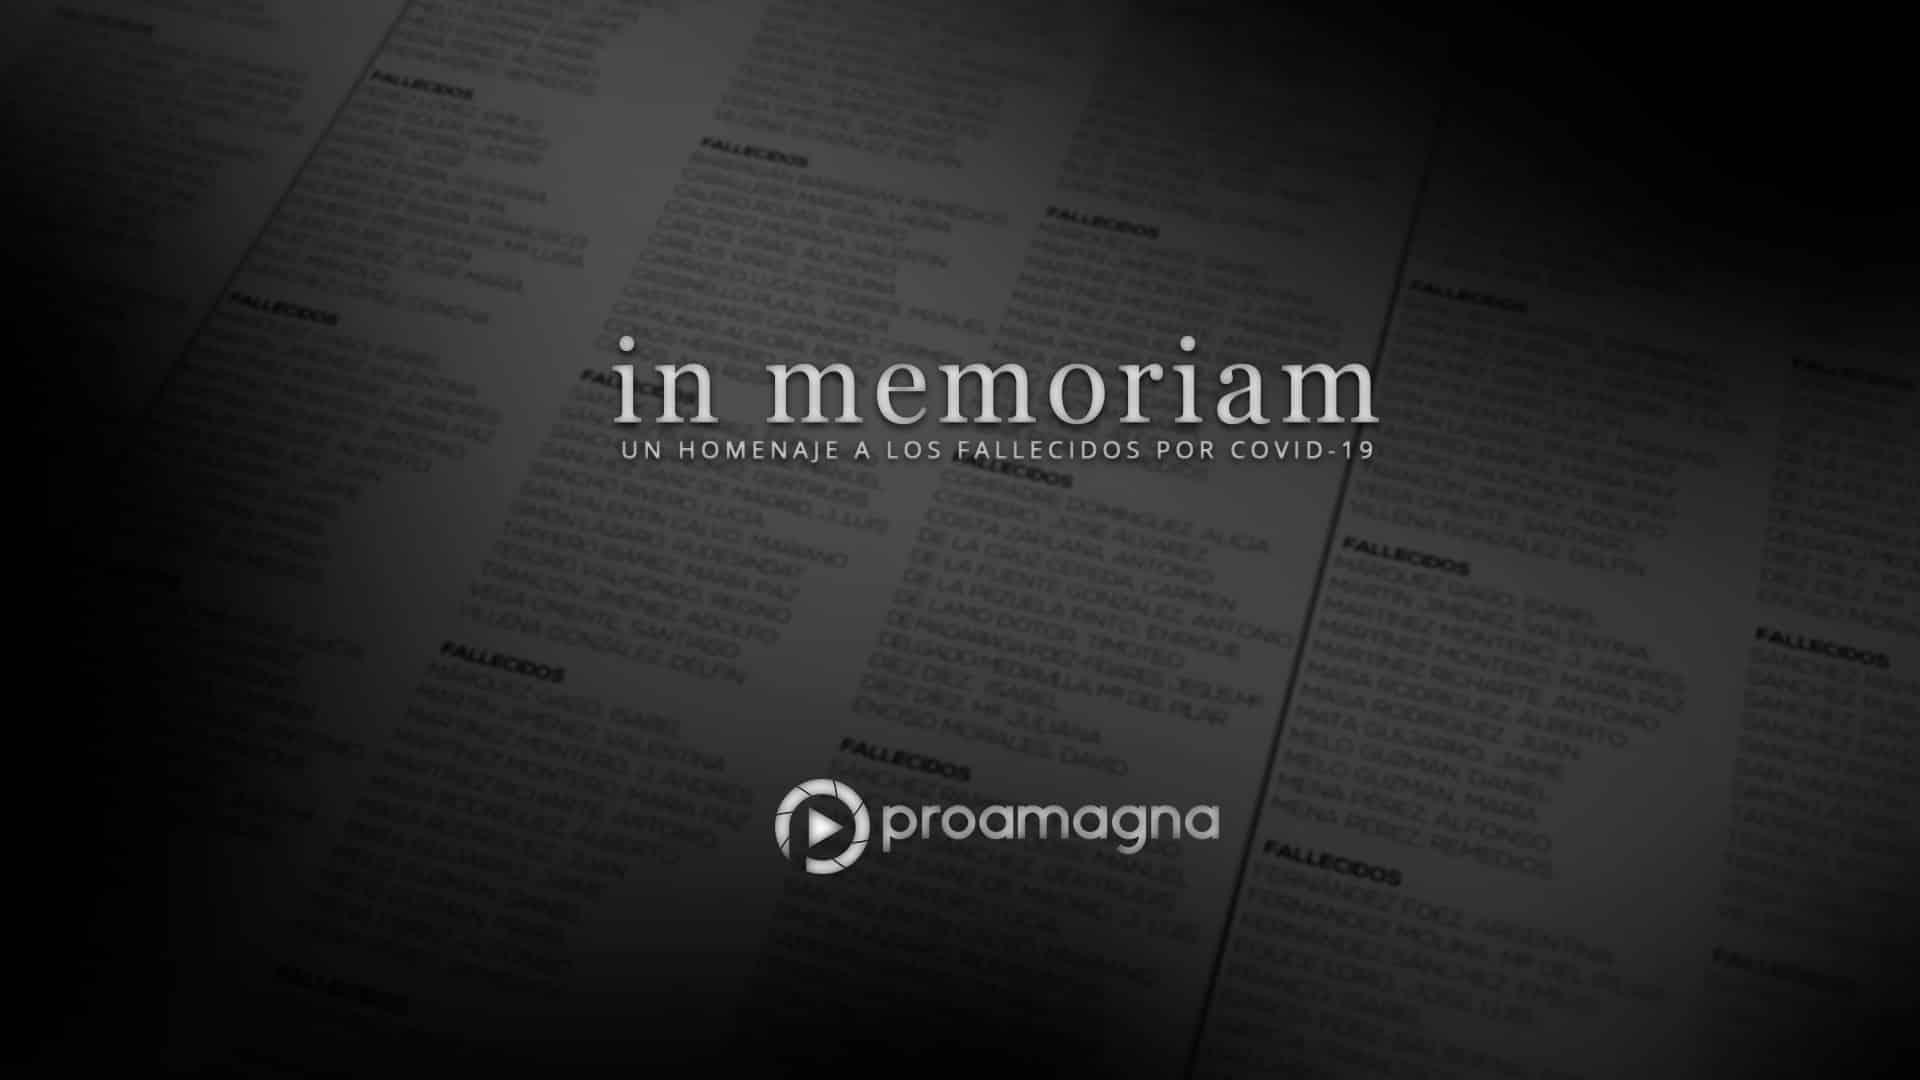 In memoriam - Proamagna -Homenaje a los fallecidos por Covid-19 y sus familiares